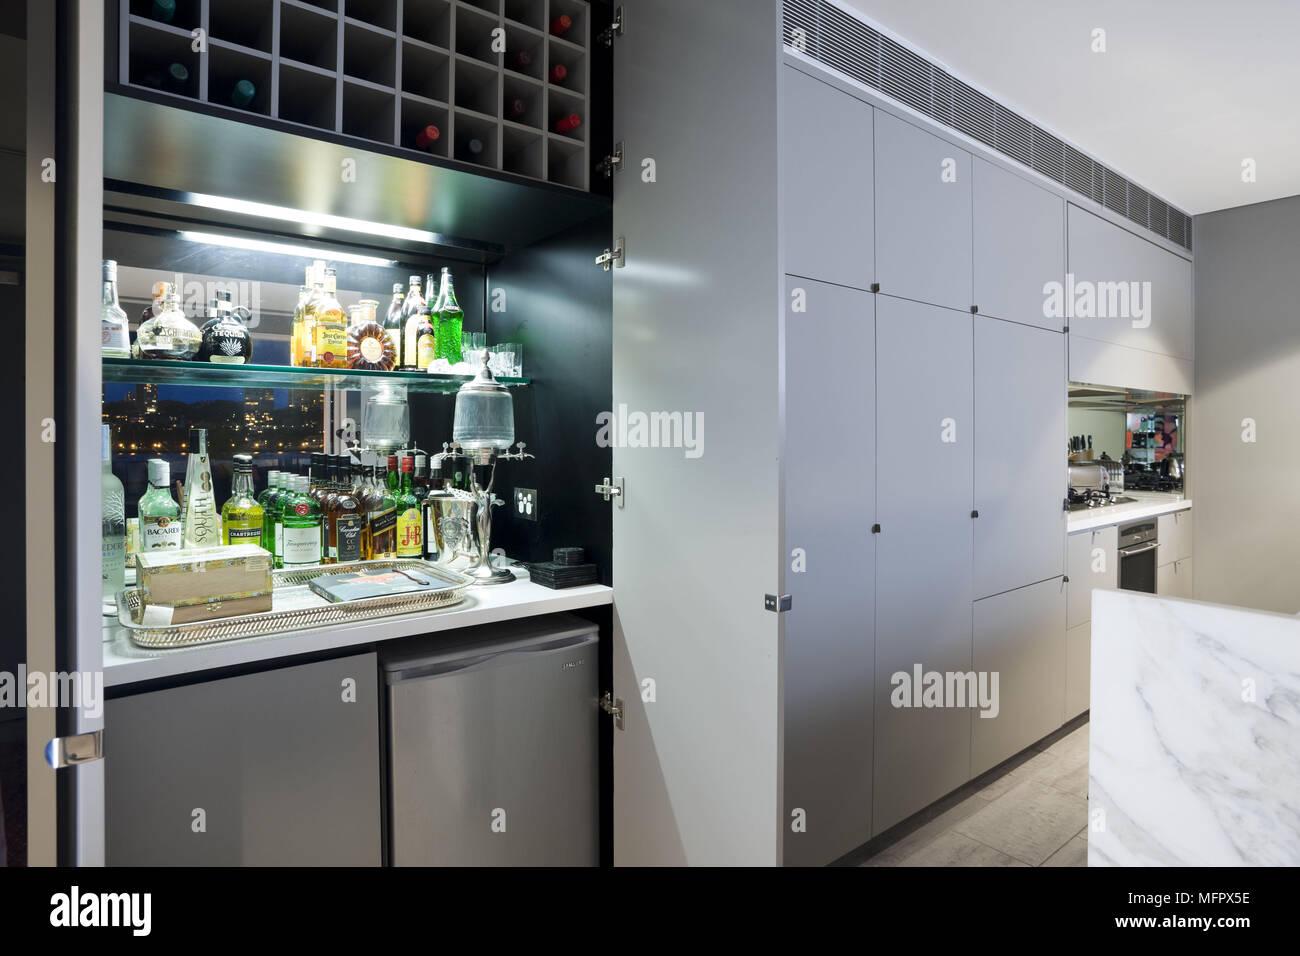 Cucina moderna con bar unità chiller e impostare in armadio ad ...